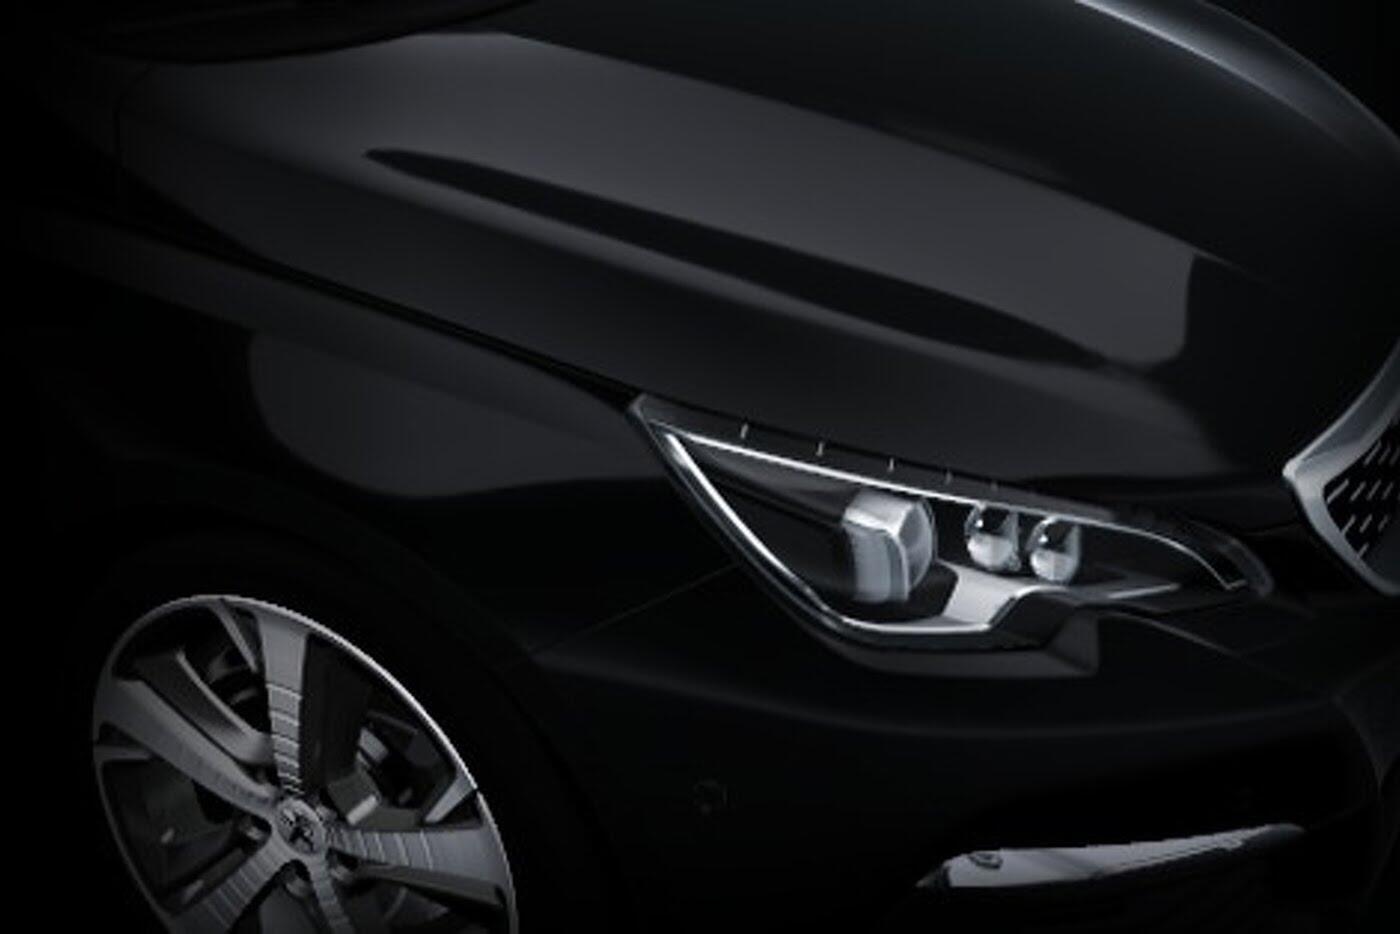 Thêm thông tin về động cơ của Peugeot 308 bản nâng cấp 2018 - Hình 2